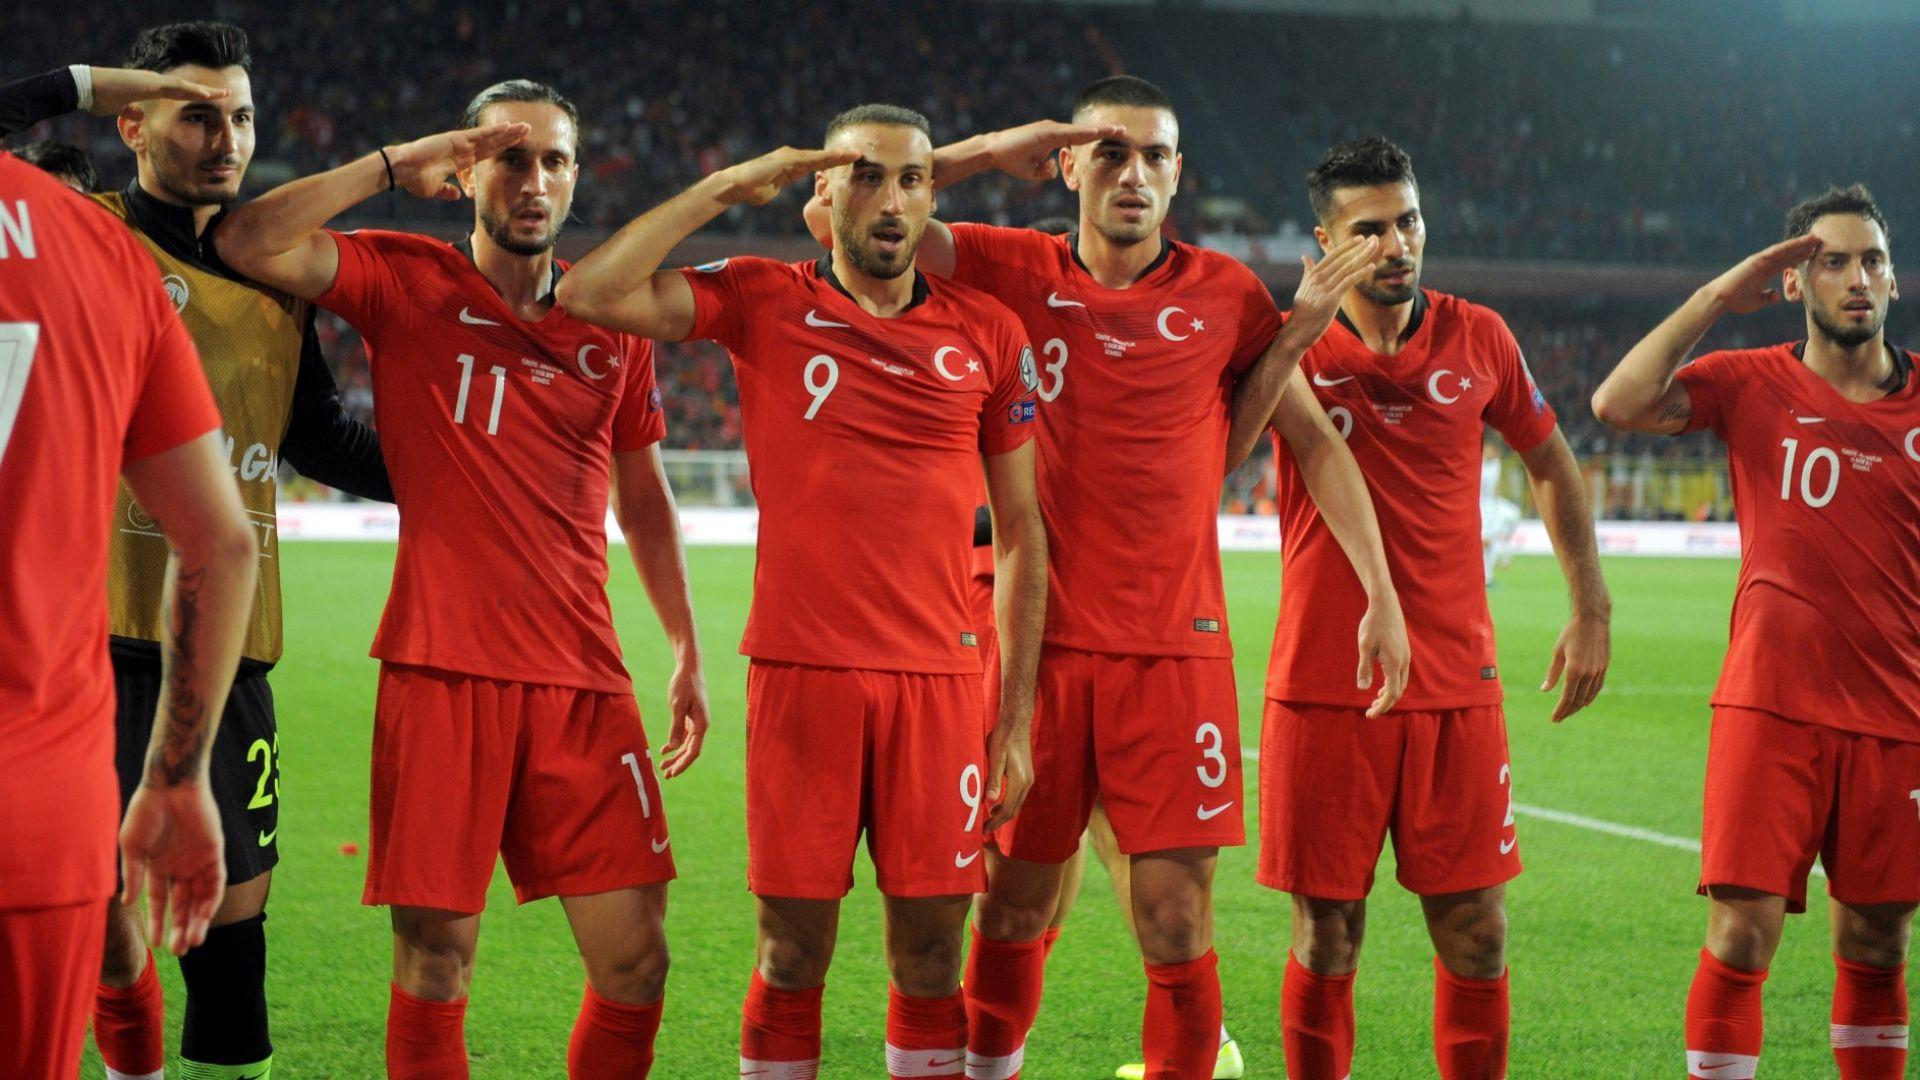 Ердоган нападна УЕФА за дискриминационно отношение към турските футболисти